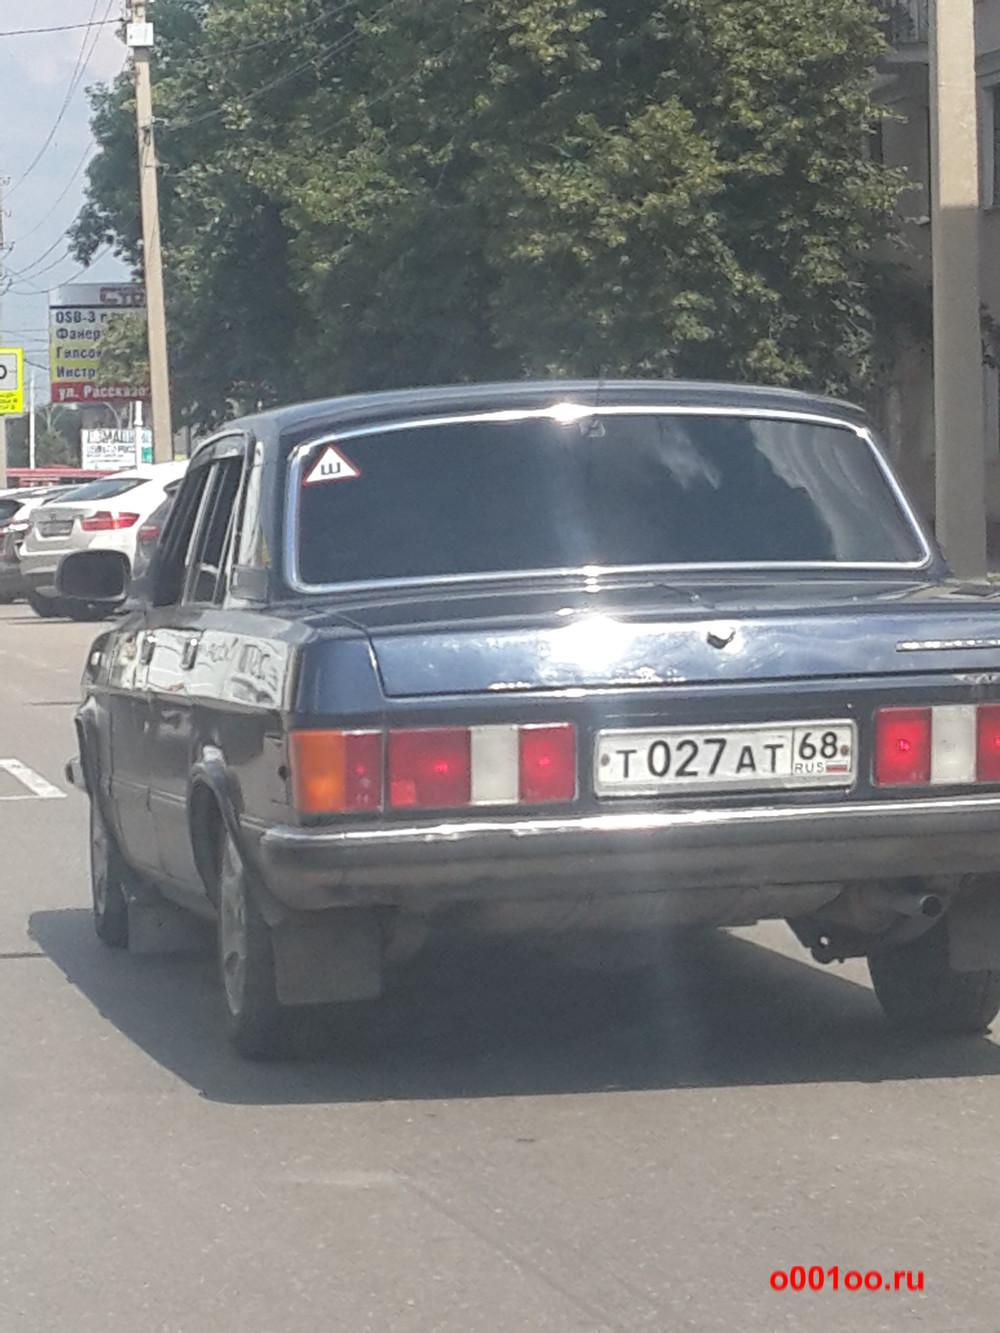 т027ат68